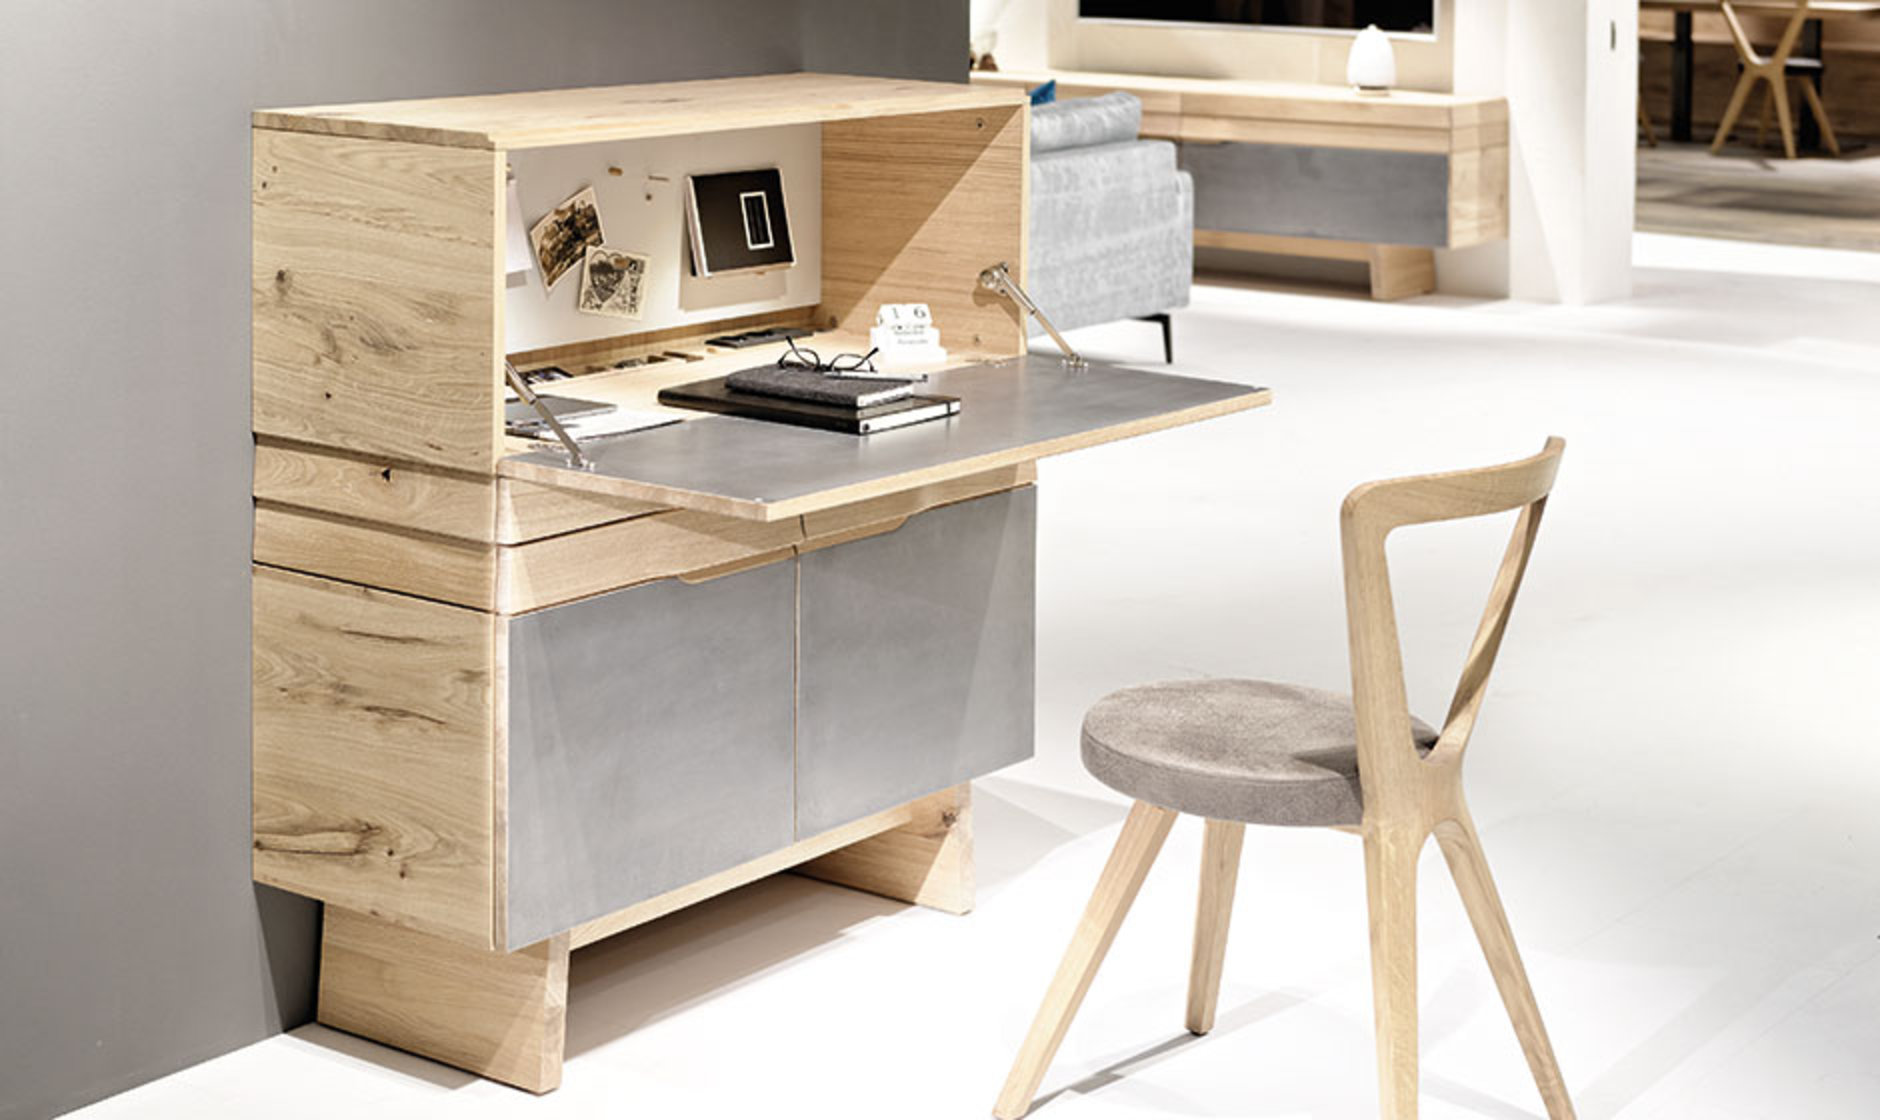 gartenst hle aus holz. Black Bedroom Furniture Sets. Home Design Ideas